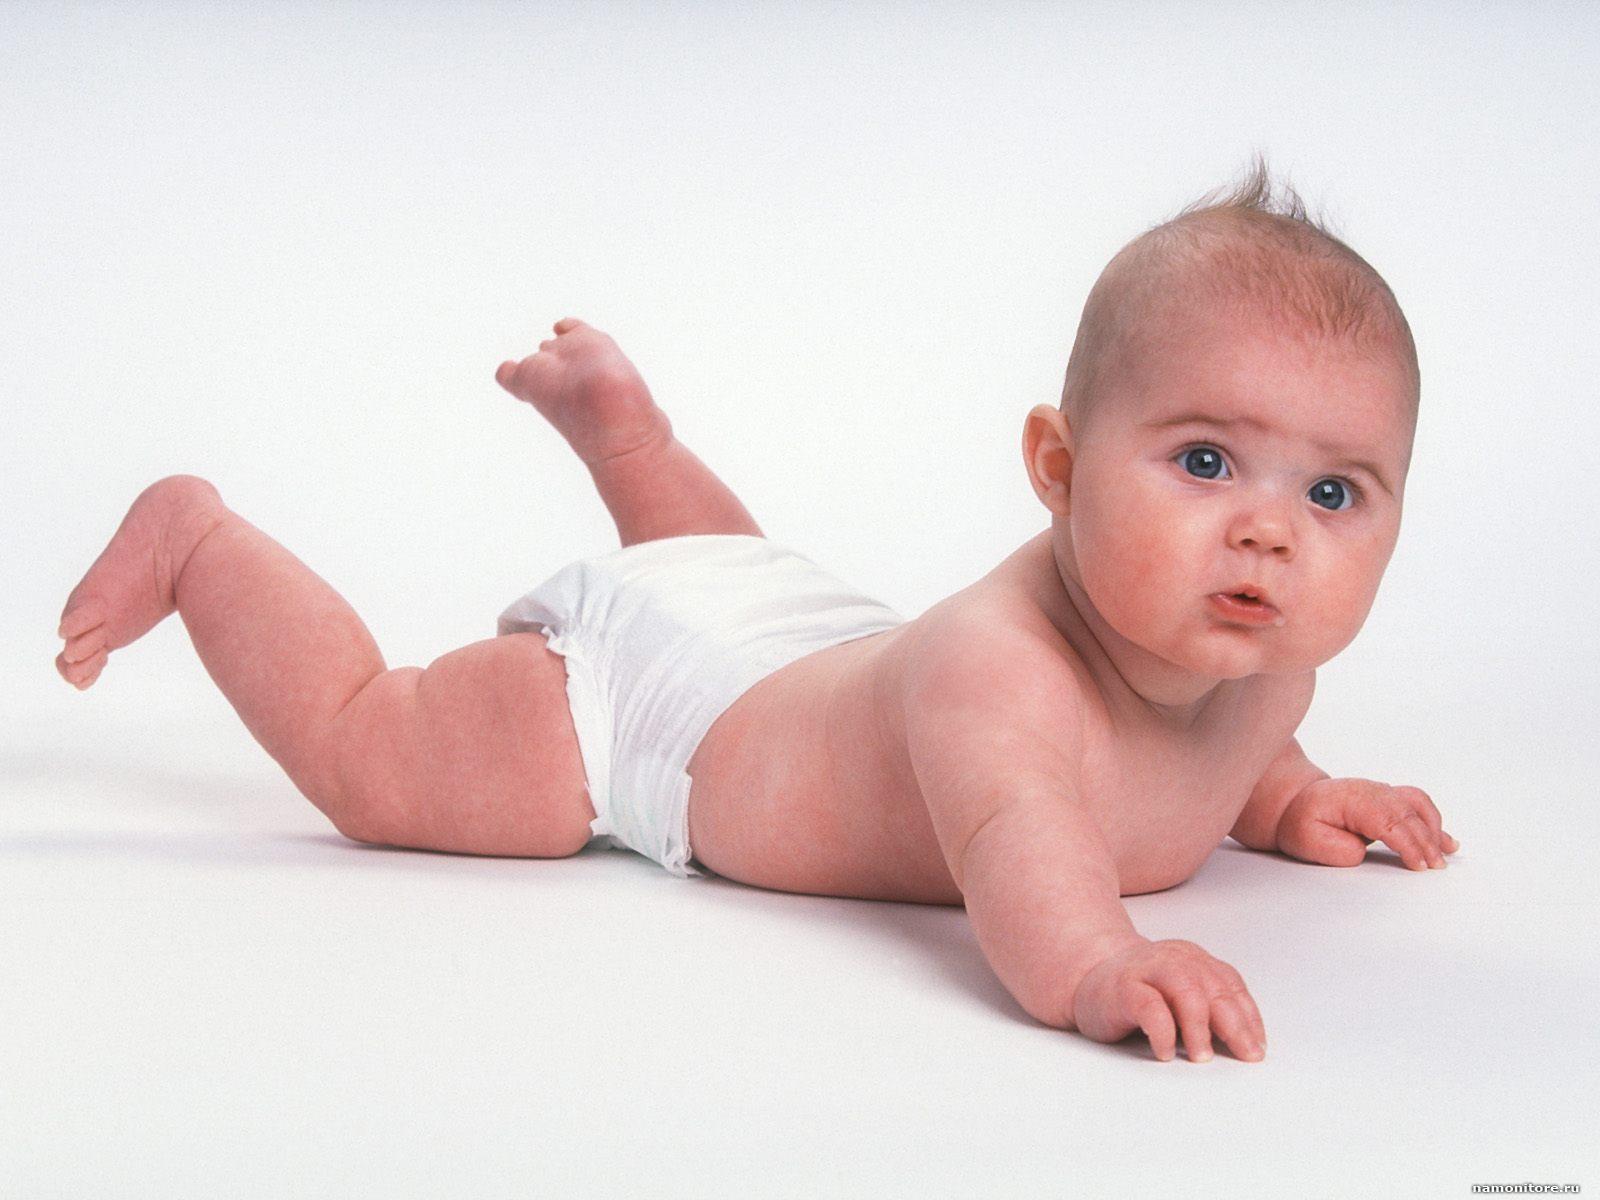 Родился «другим» - получи свидетельство о рождении «третьего пола»